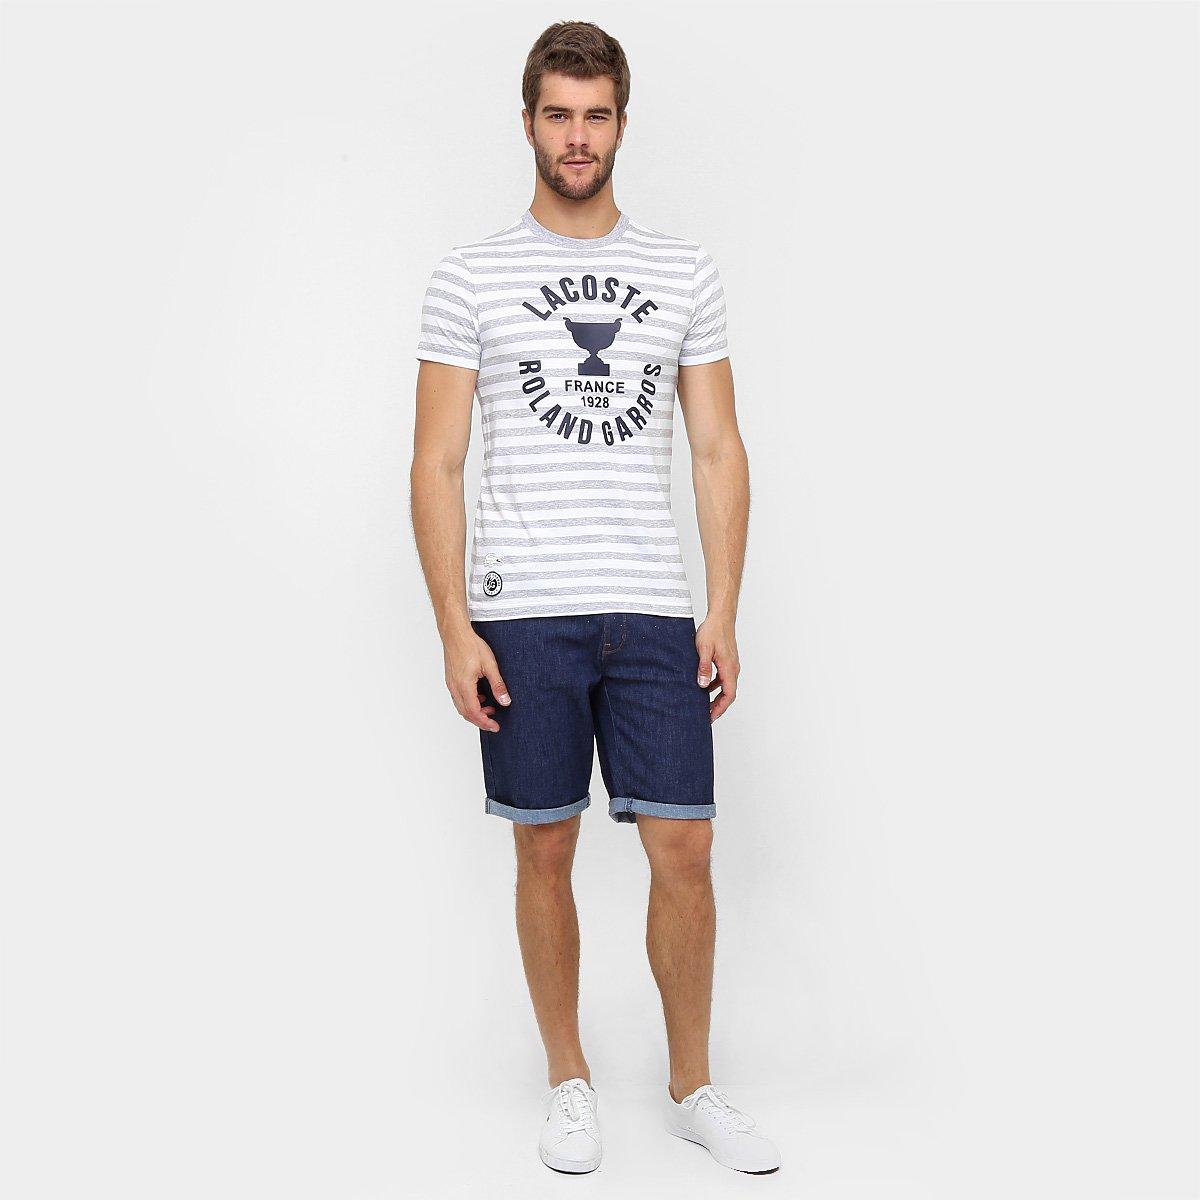 fb7b8cffc4220 Camiseta Lacoste TH5761-21 - Compre Agora   Zattini